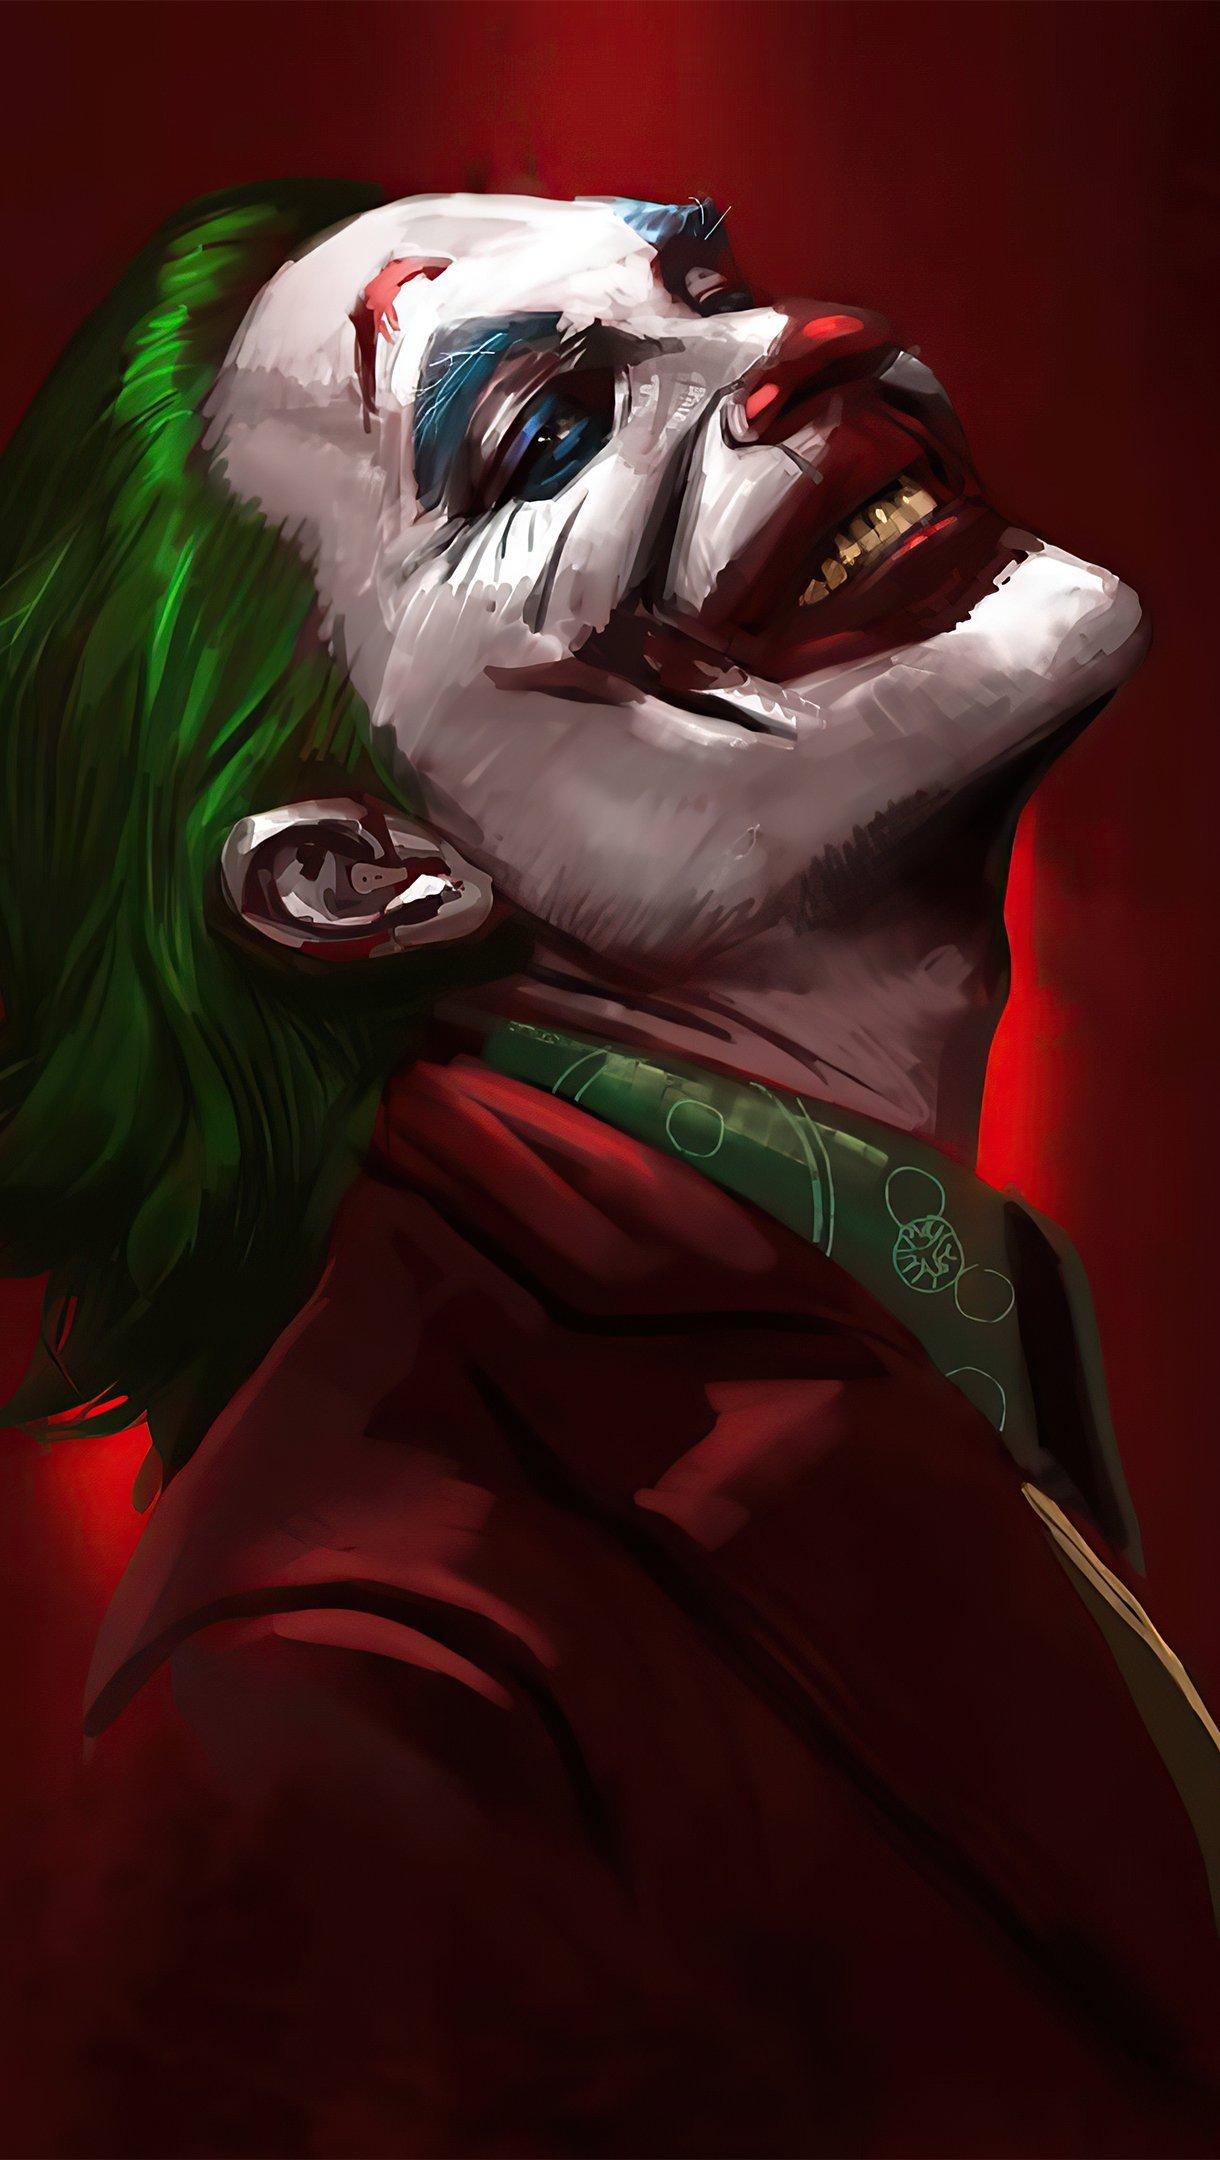 Wallpaper Joker smiling Vertical